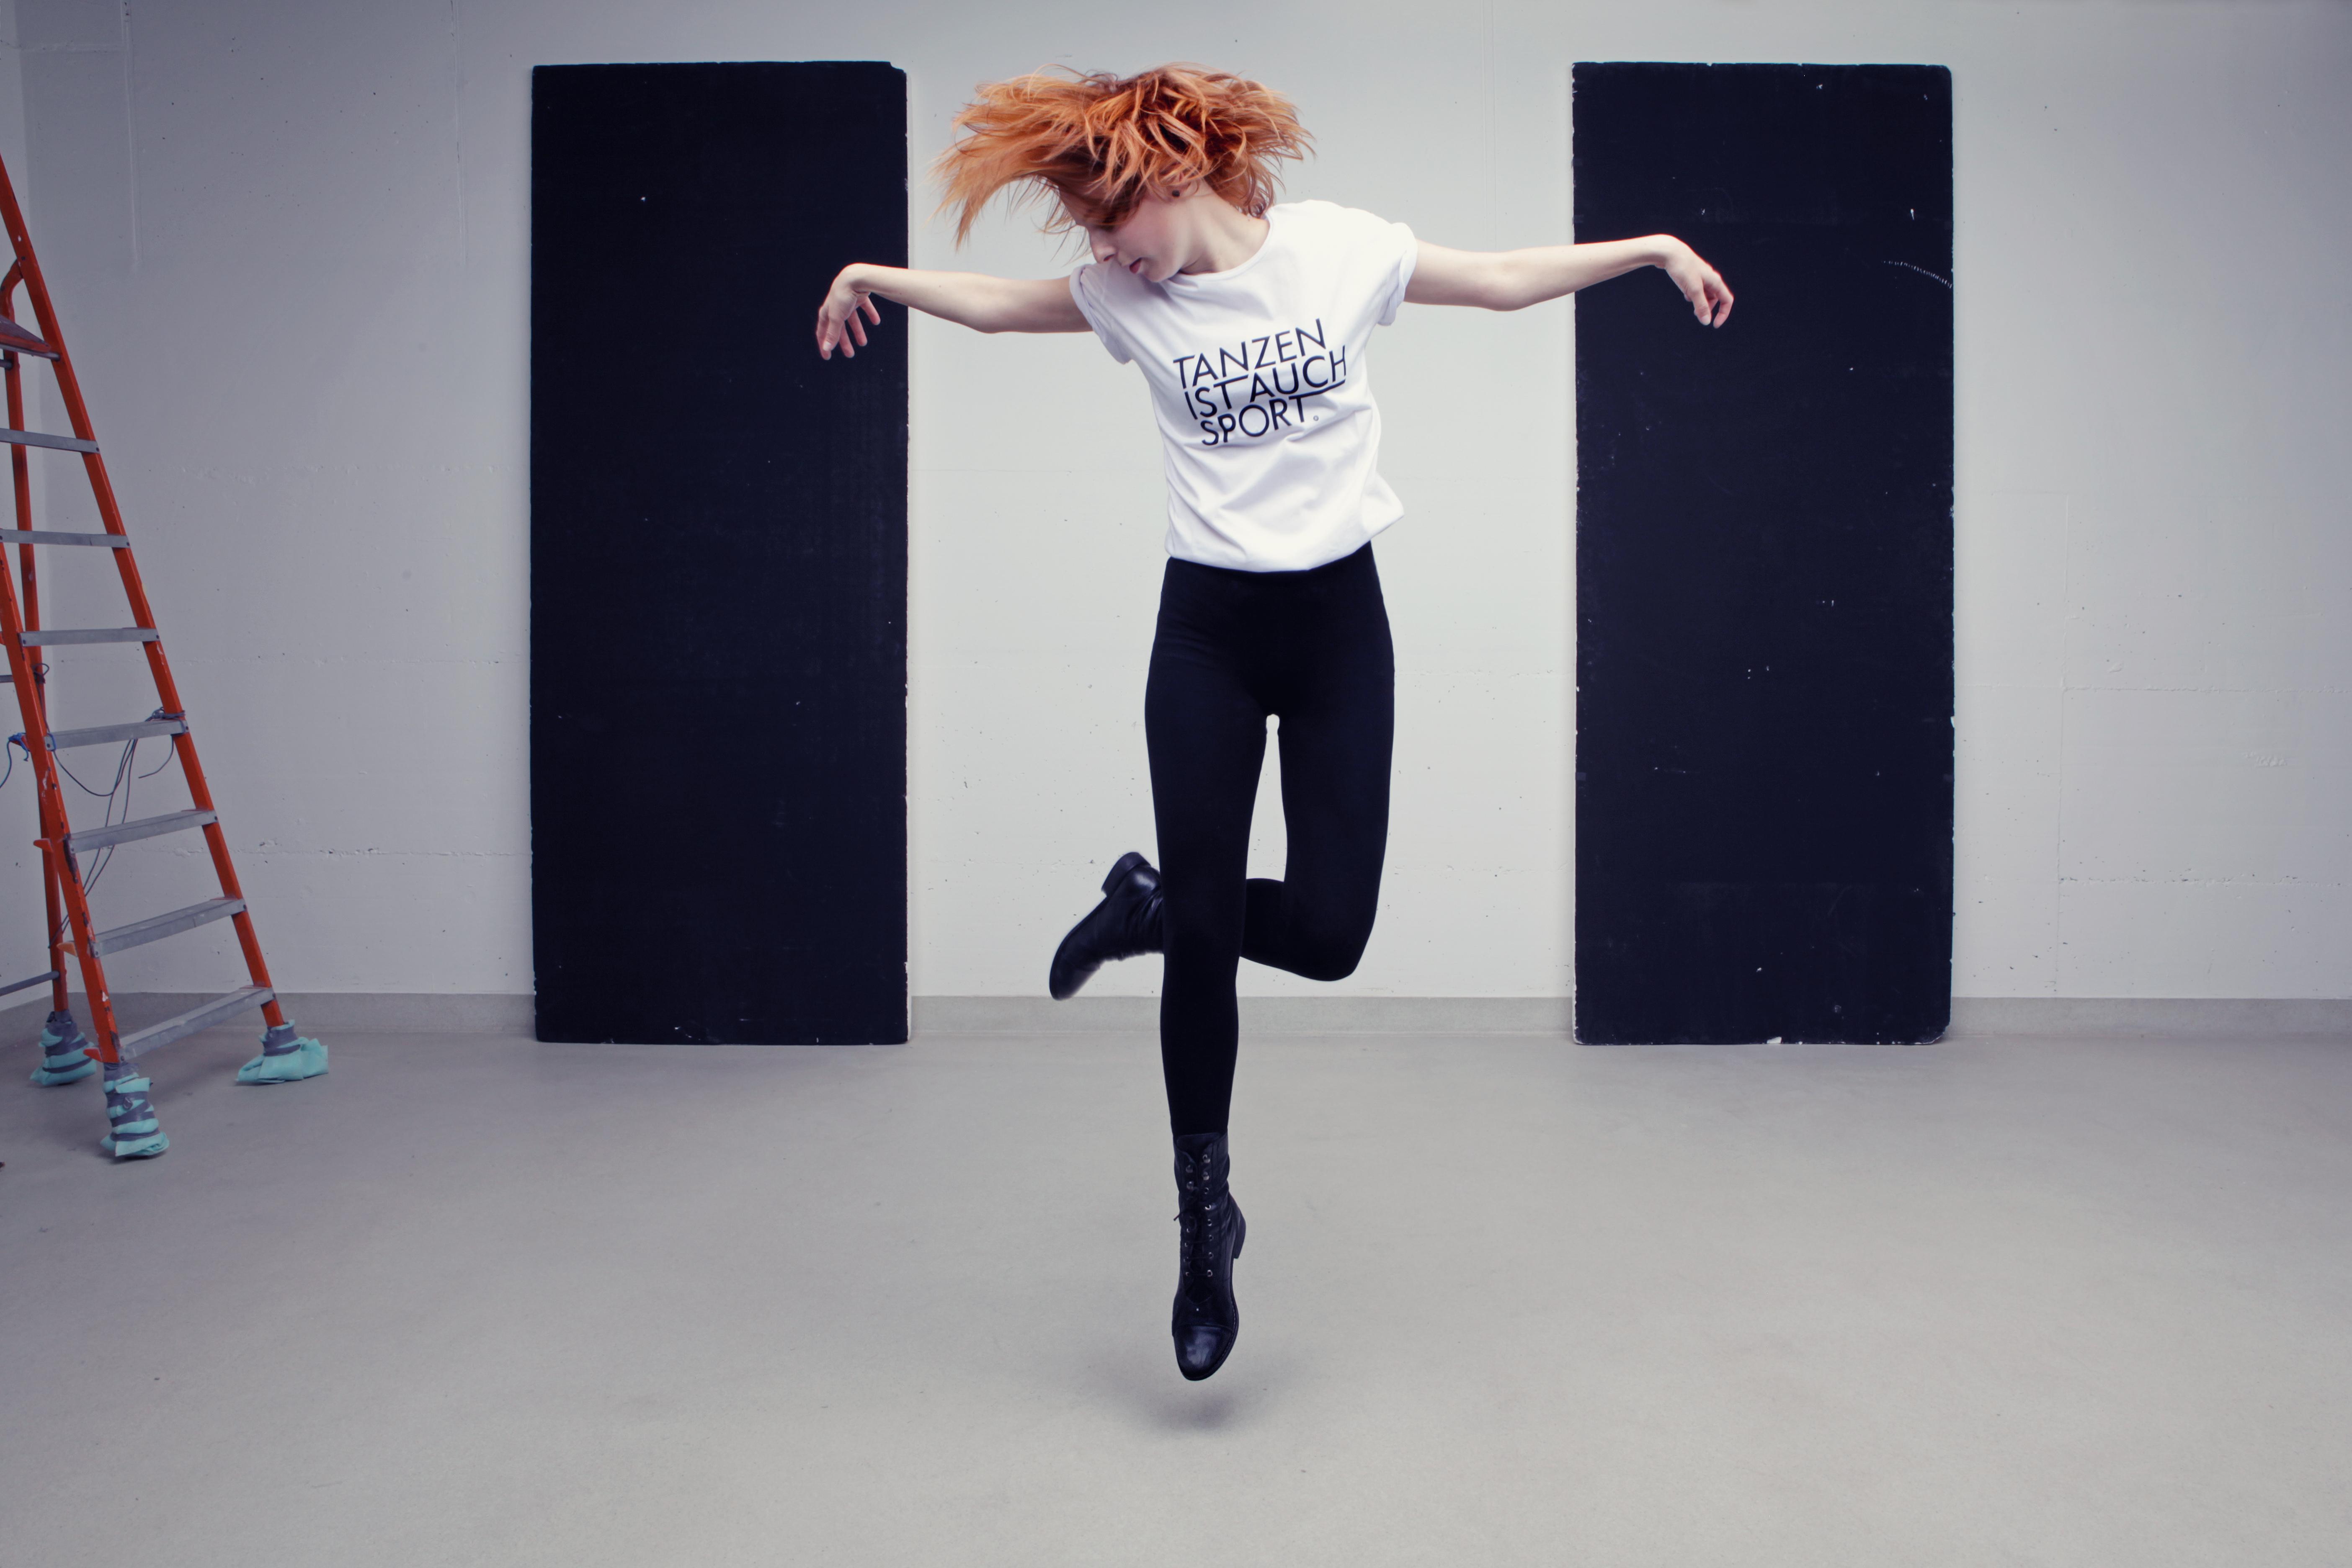 WupWup - Tanzen ist auch Sport